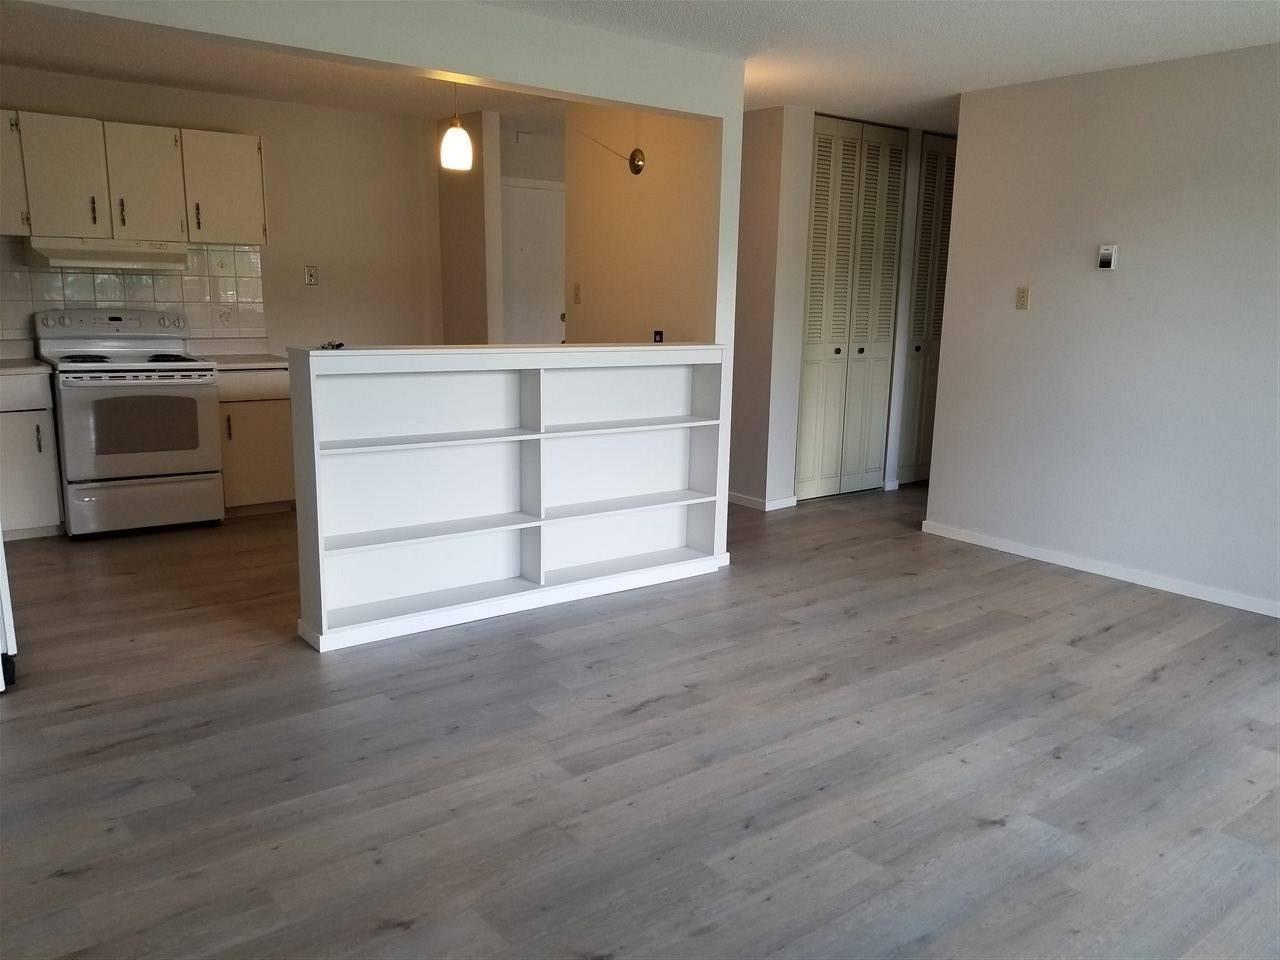 Condo for sale at 8604 Gateway Blvd Nw Edmonton Alberta - MLS: E4167622